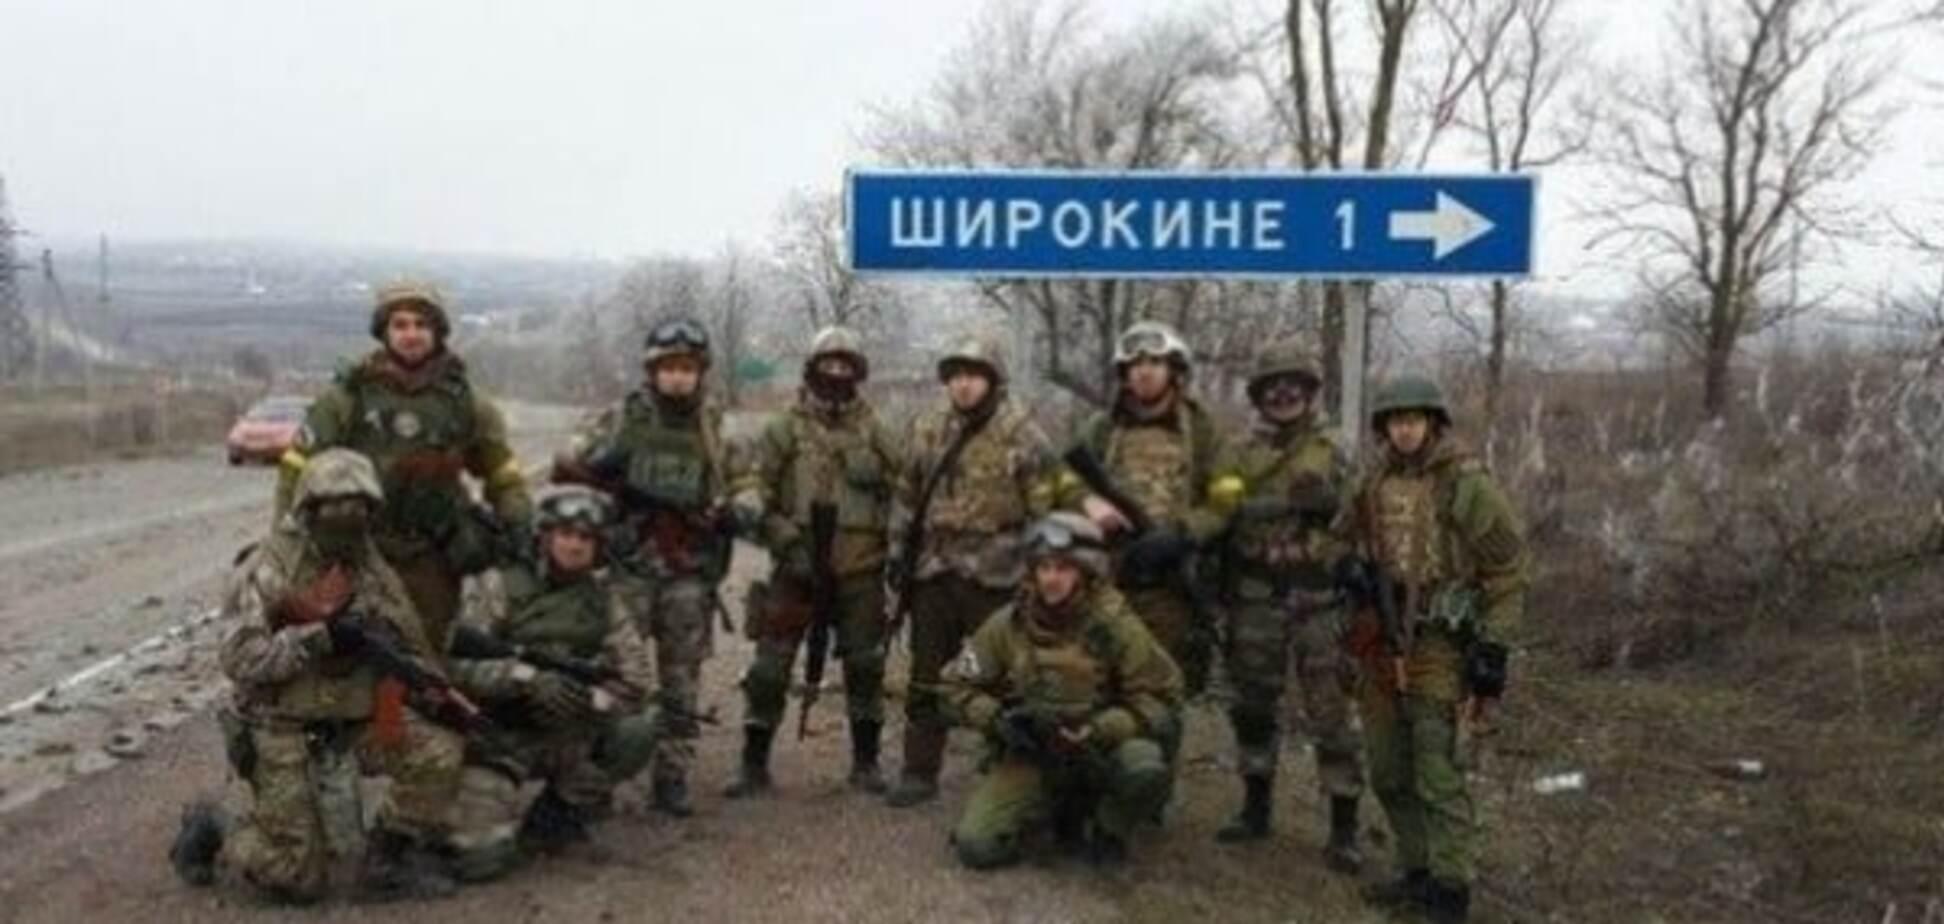 Українські бійці повністю контролюють Широкине - Жебрівський